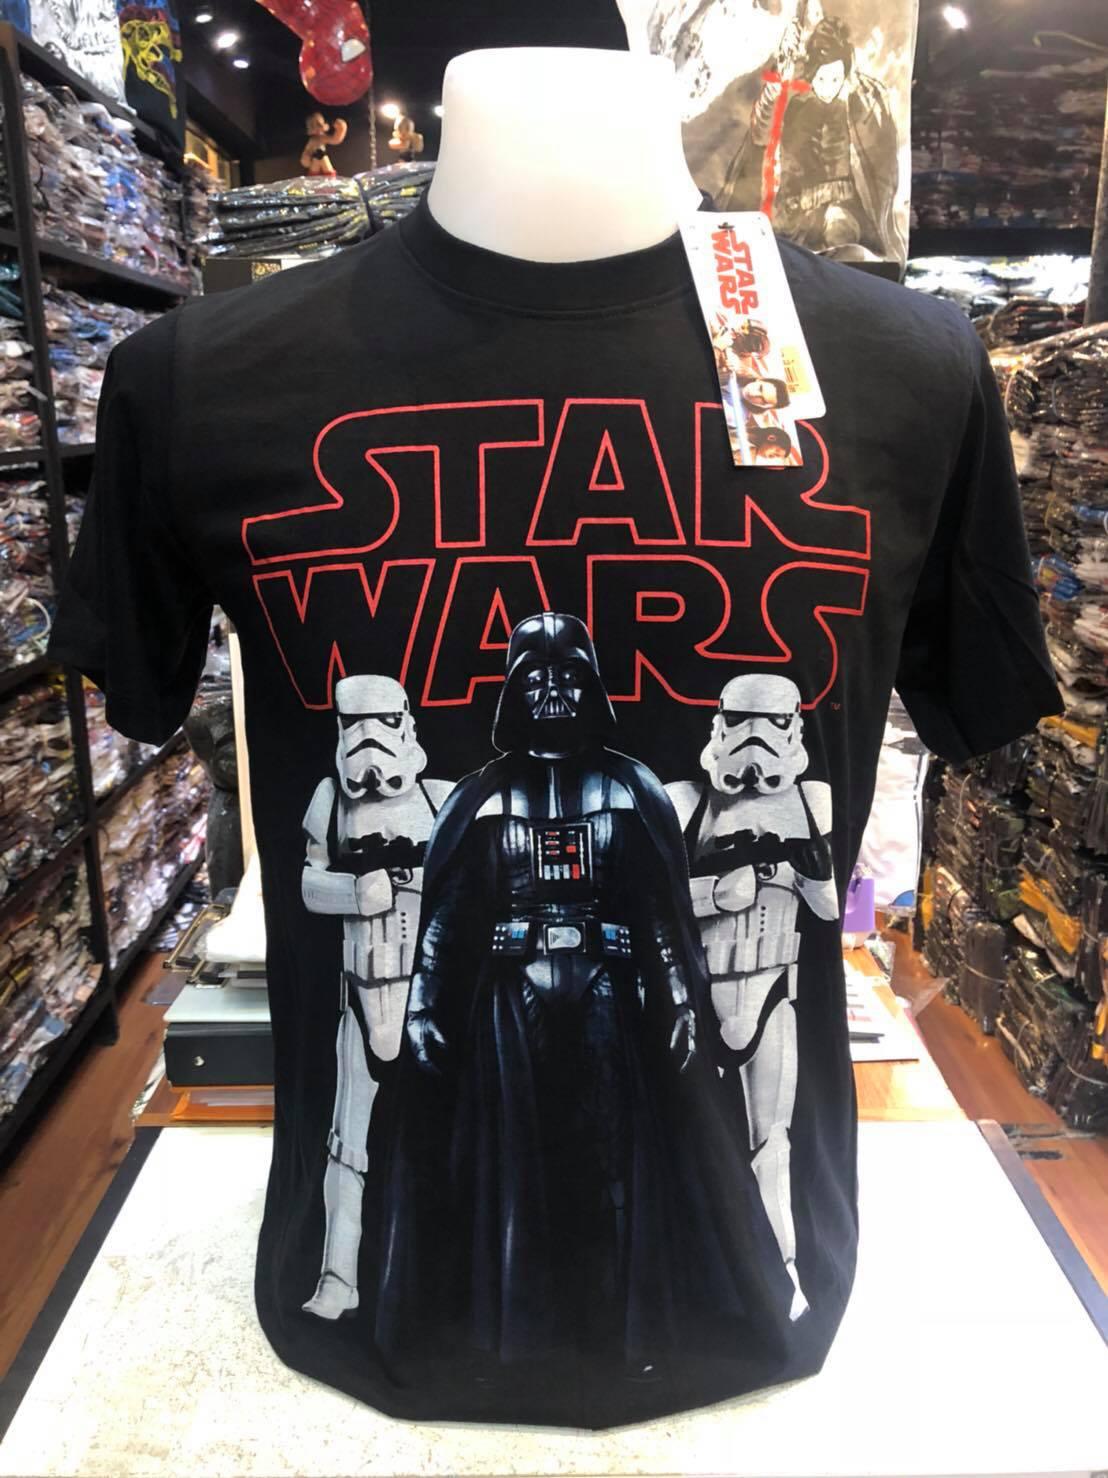 สตาร์วอร์ สีดำ (Star wars logo red darth vador CODE:0958)